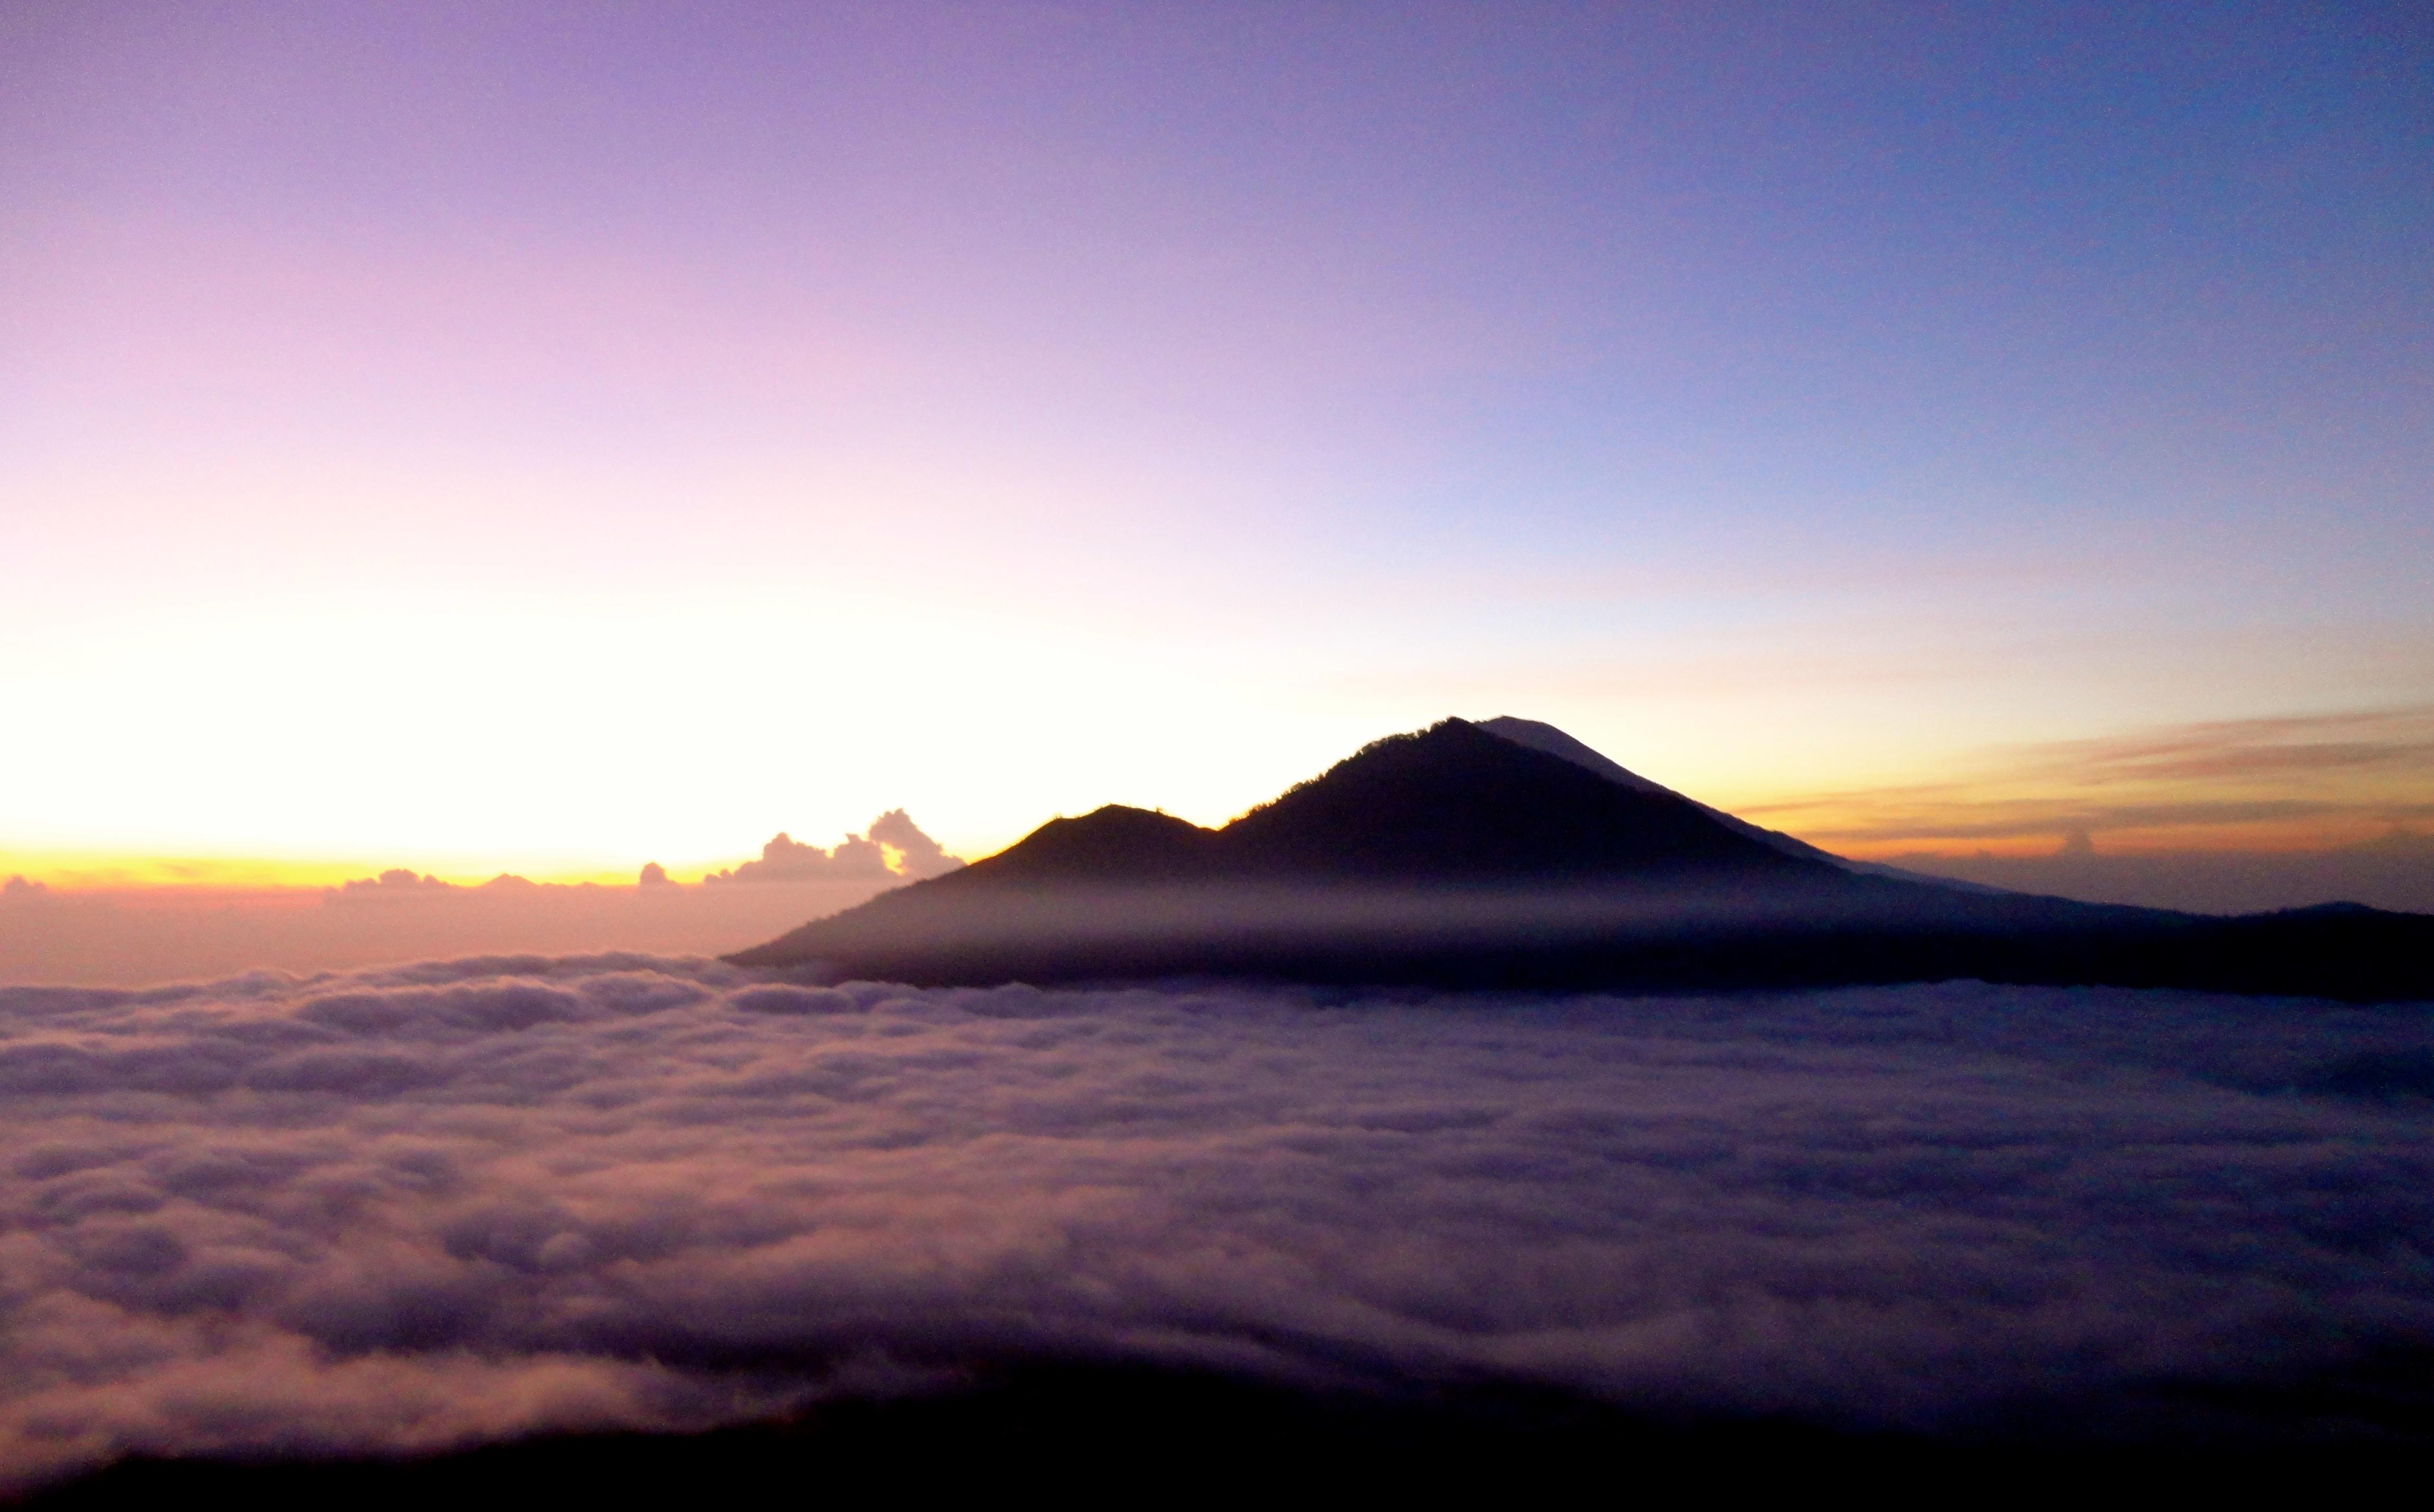 Bali_goedkoop_vakantie_reis_vulkaan_indonesie.jpg